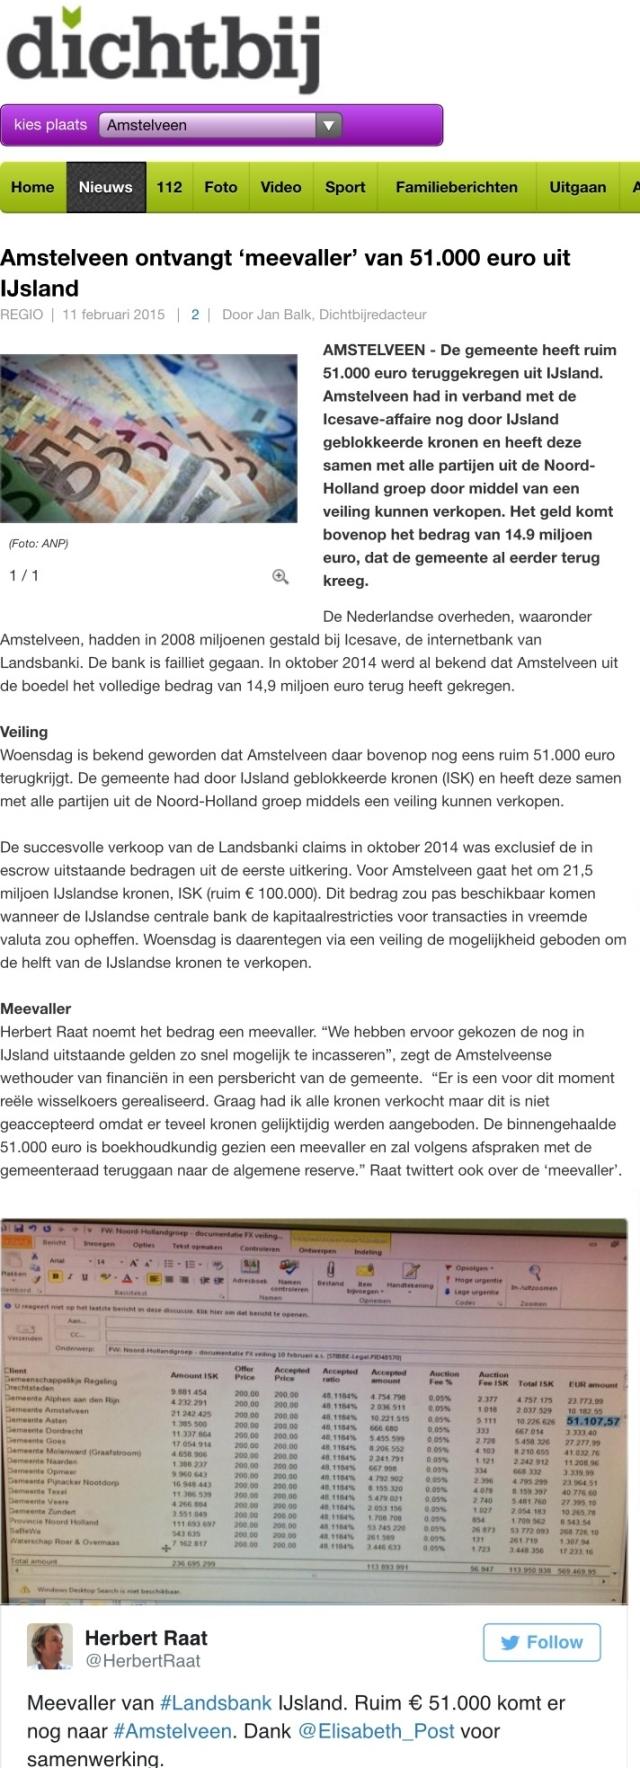 2015-11-feb ijsland herbert raat mstelveen